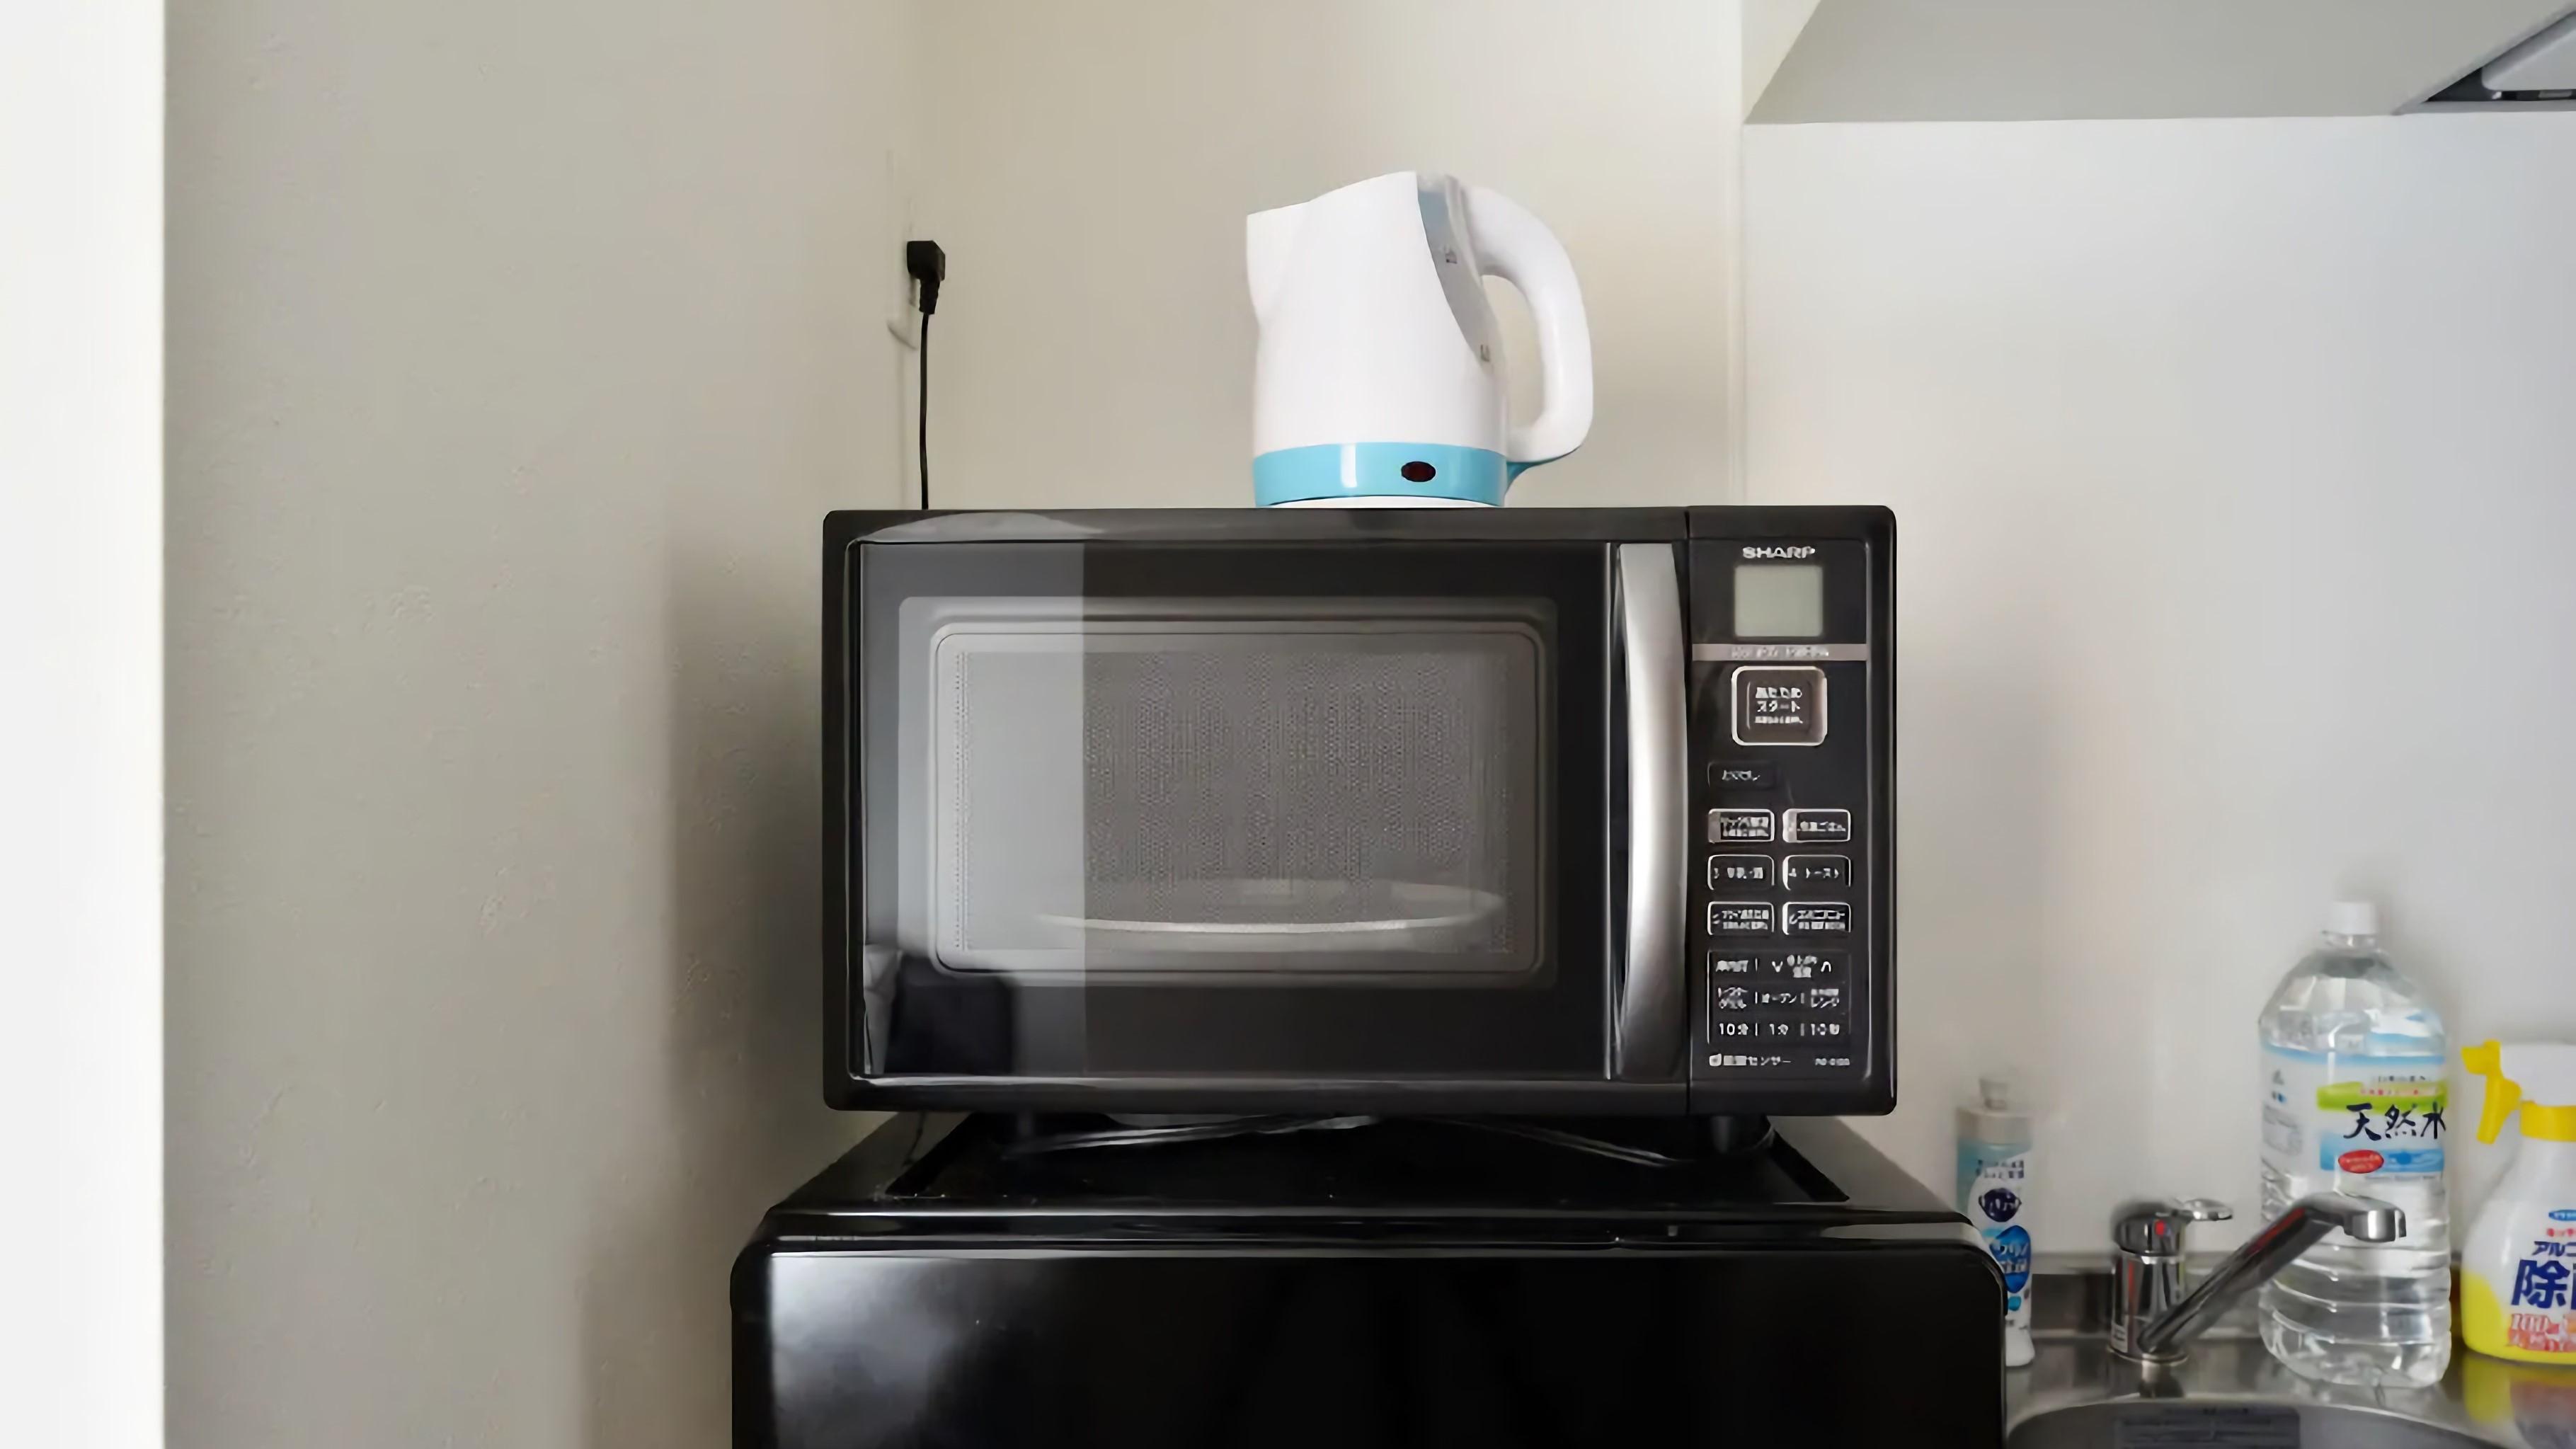 客室内電子レンジ